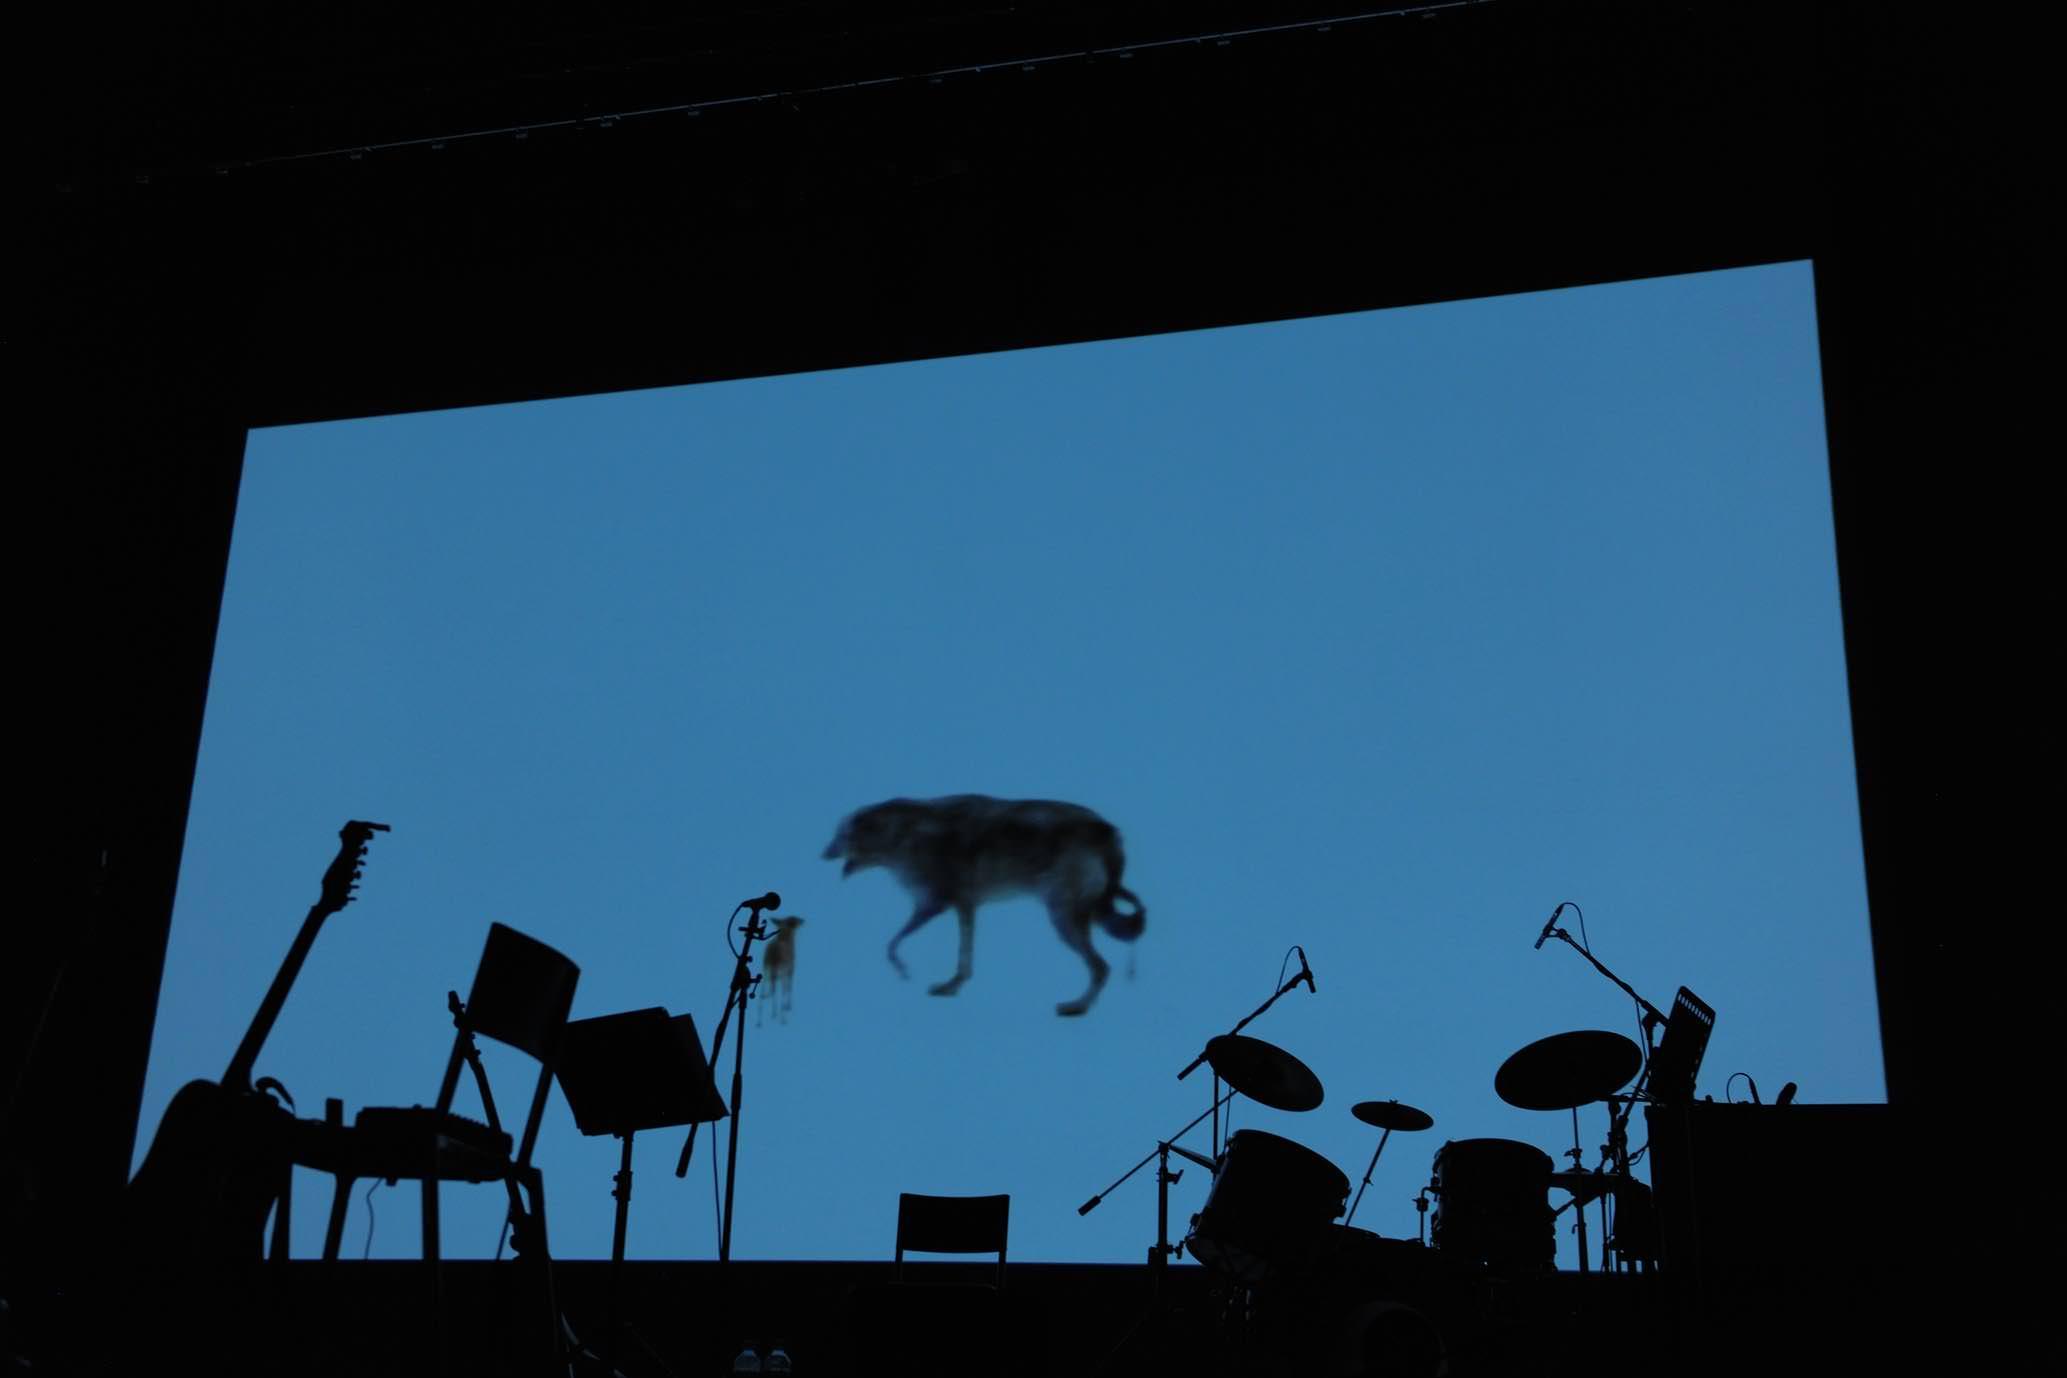 Venise les artistes font leur show en musique num ro - Architecte japonais tadao ando lartiste autodidacte ...